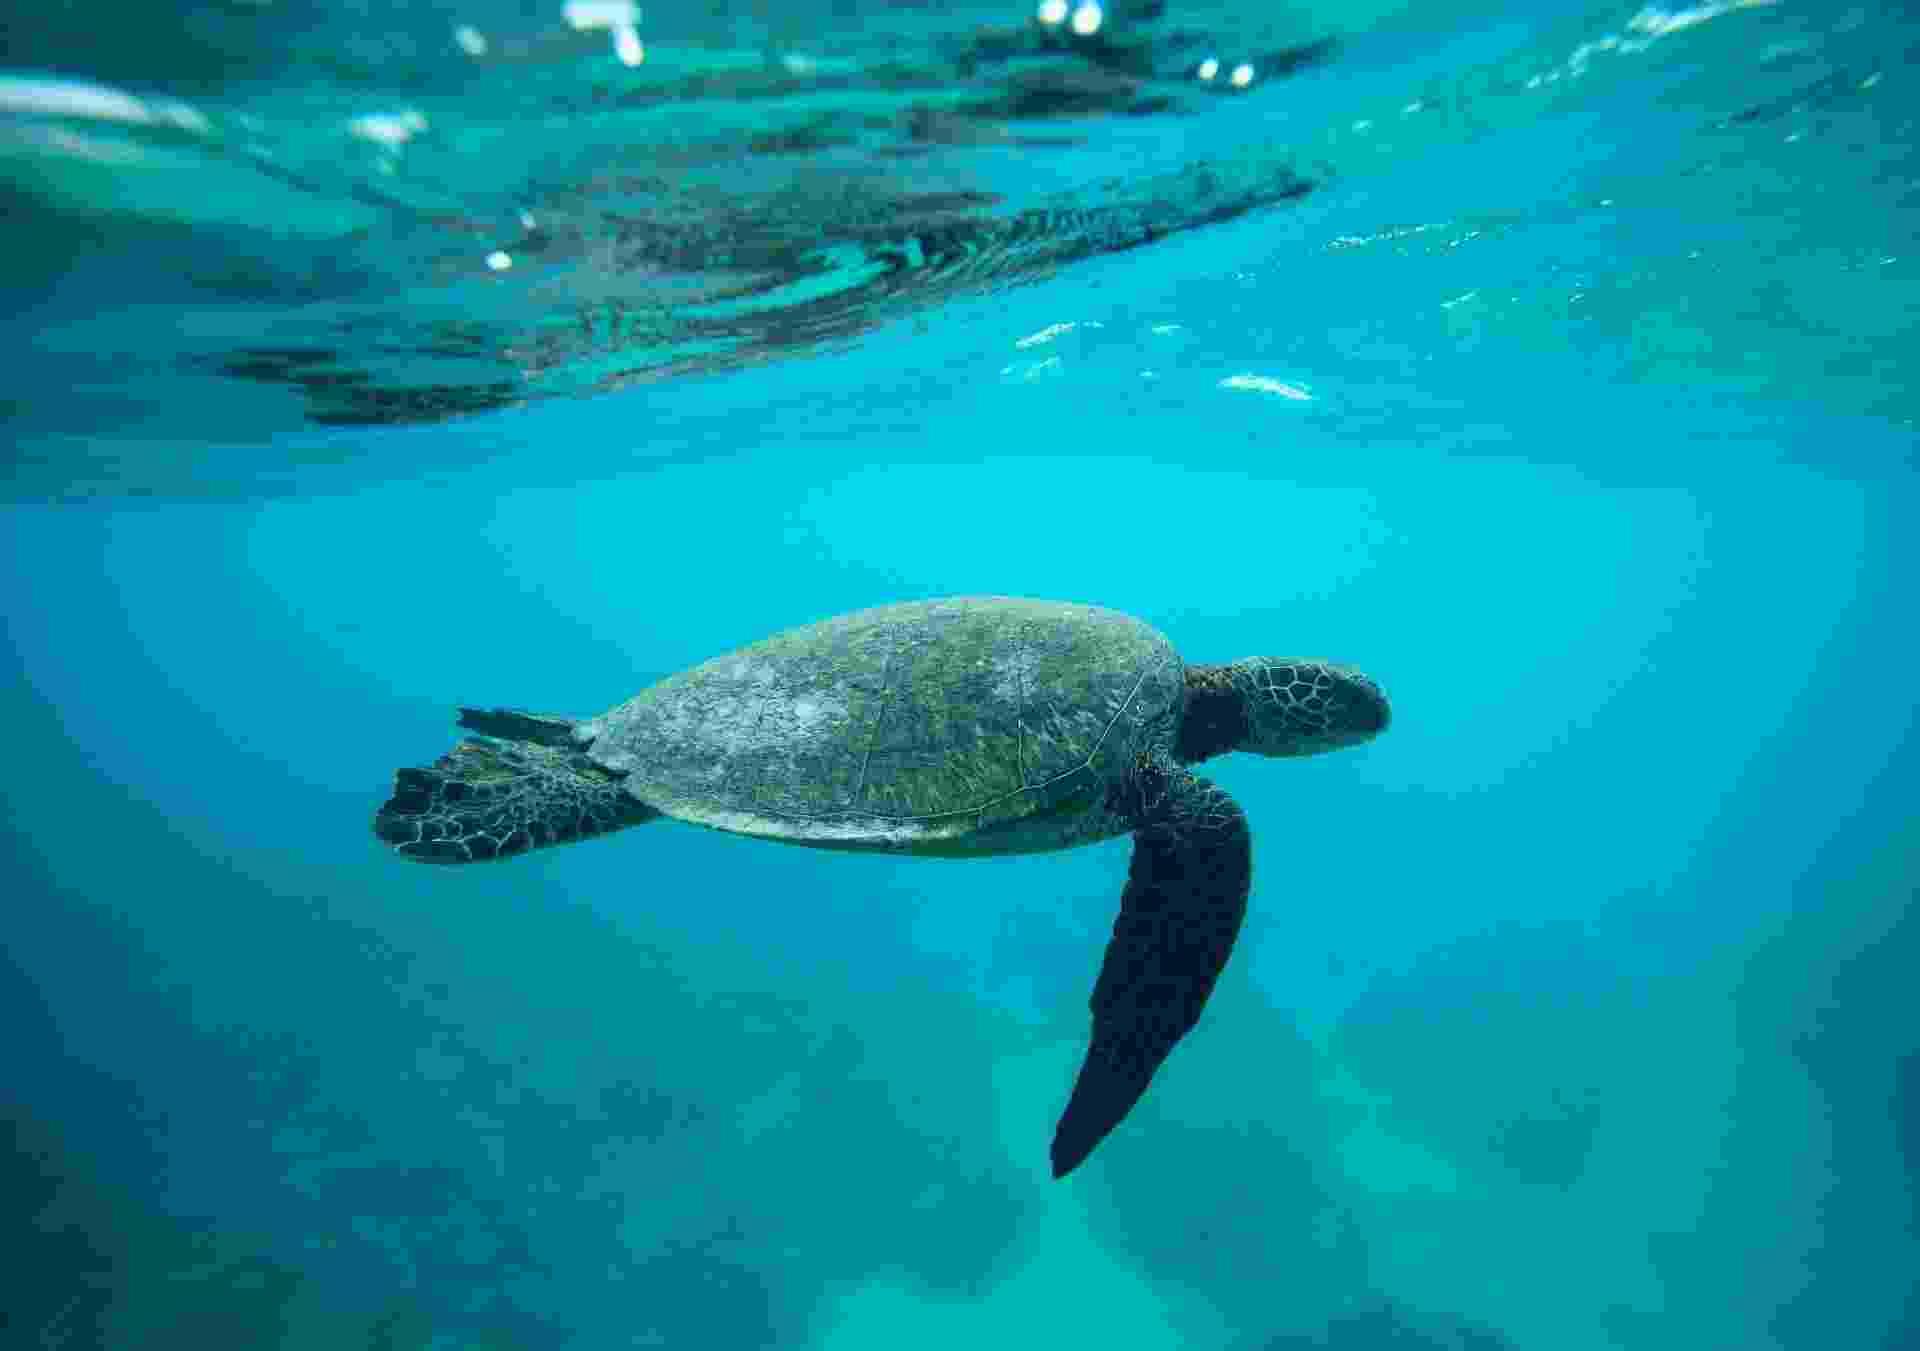 12.ago.2013 - Ameaçadas de extinção, as tartarugas marinhas estão ingerindo cada vez mais detritos e plástico do que há 30 anos, mostra estudo da Universidade de Queensland, na Austrália. O material pode ser letal, já que matam os animais marinhas ao bloquear seus estômagos e deixá-los famintos ou, então, ao perfurar seus intestinos - Hugh Gentry/Reuters